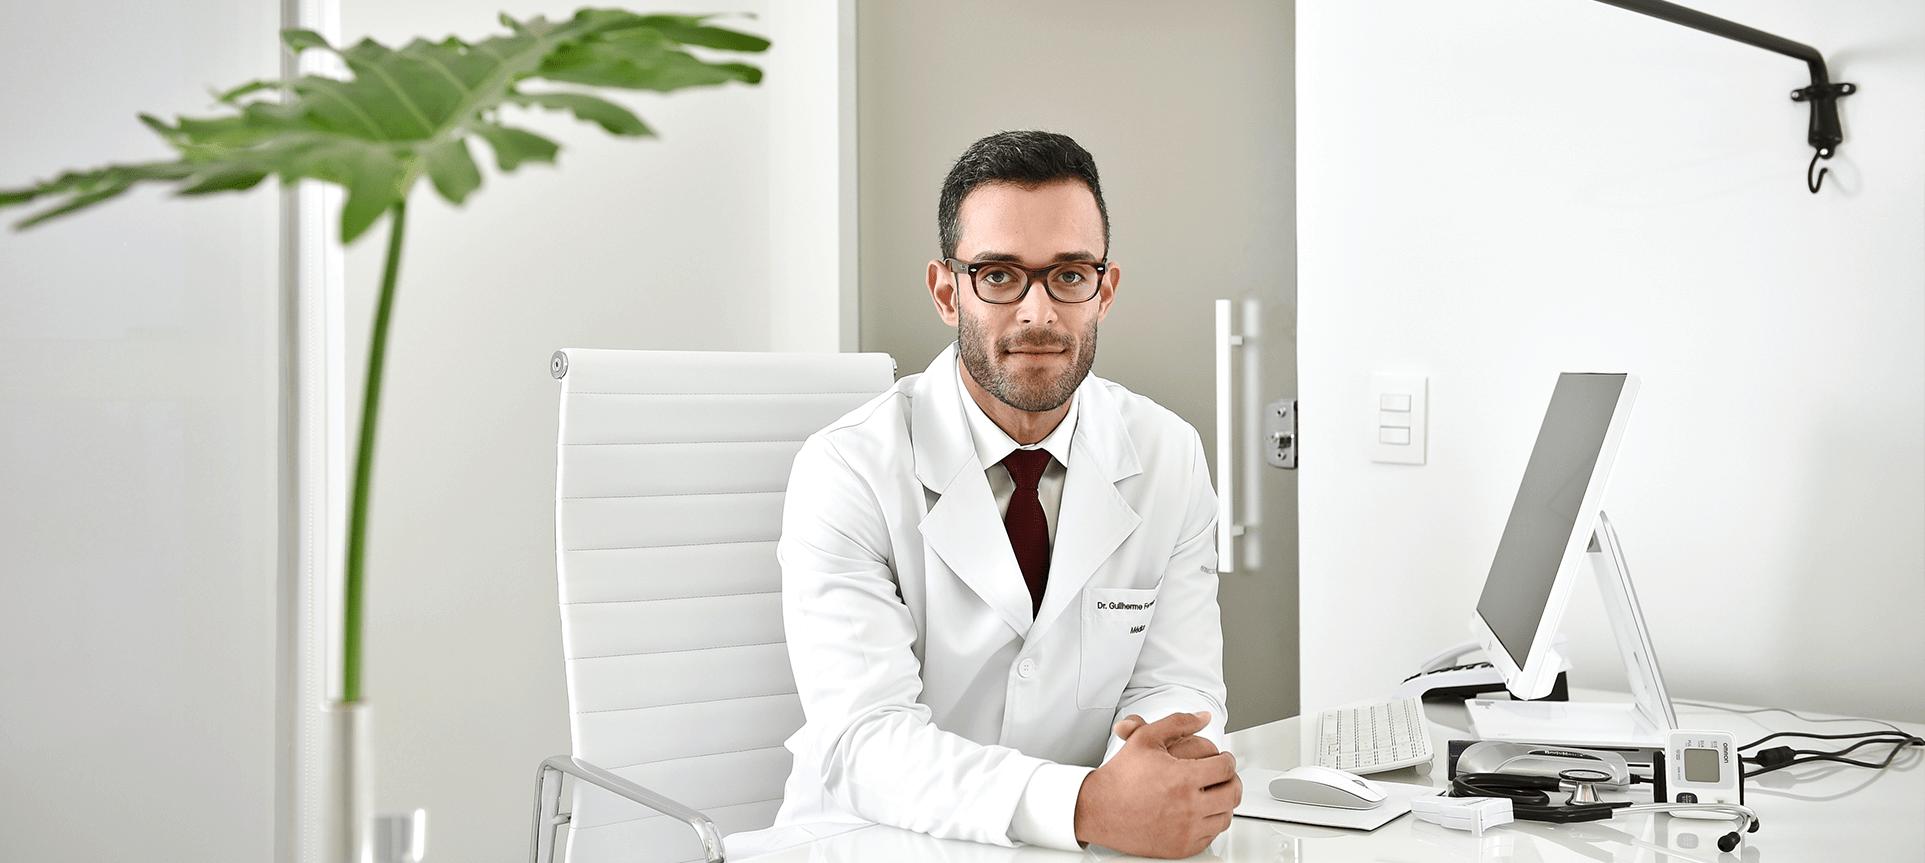 Dr. Guilherme Ferreira Mattos